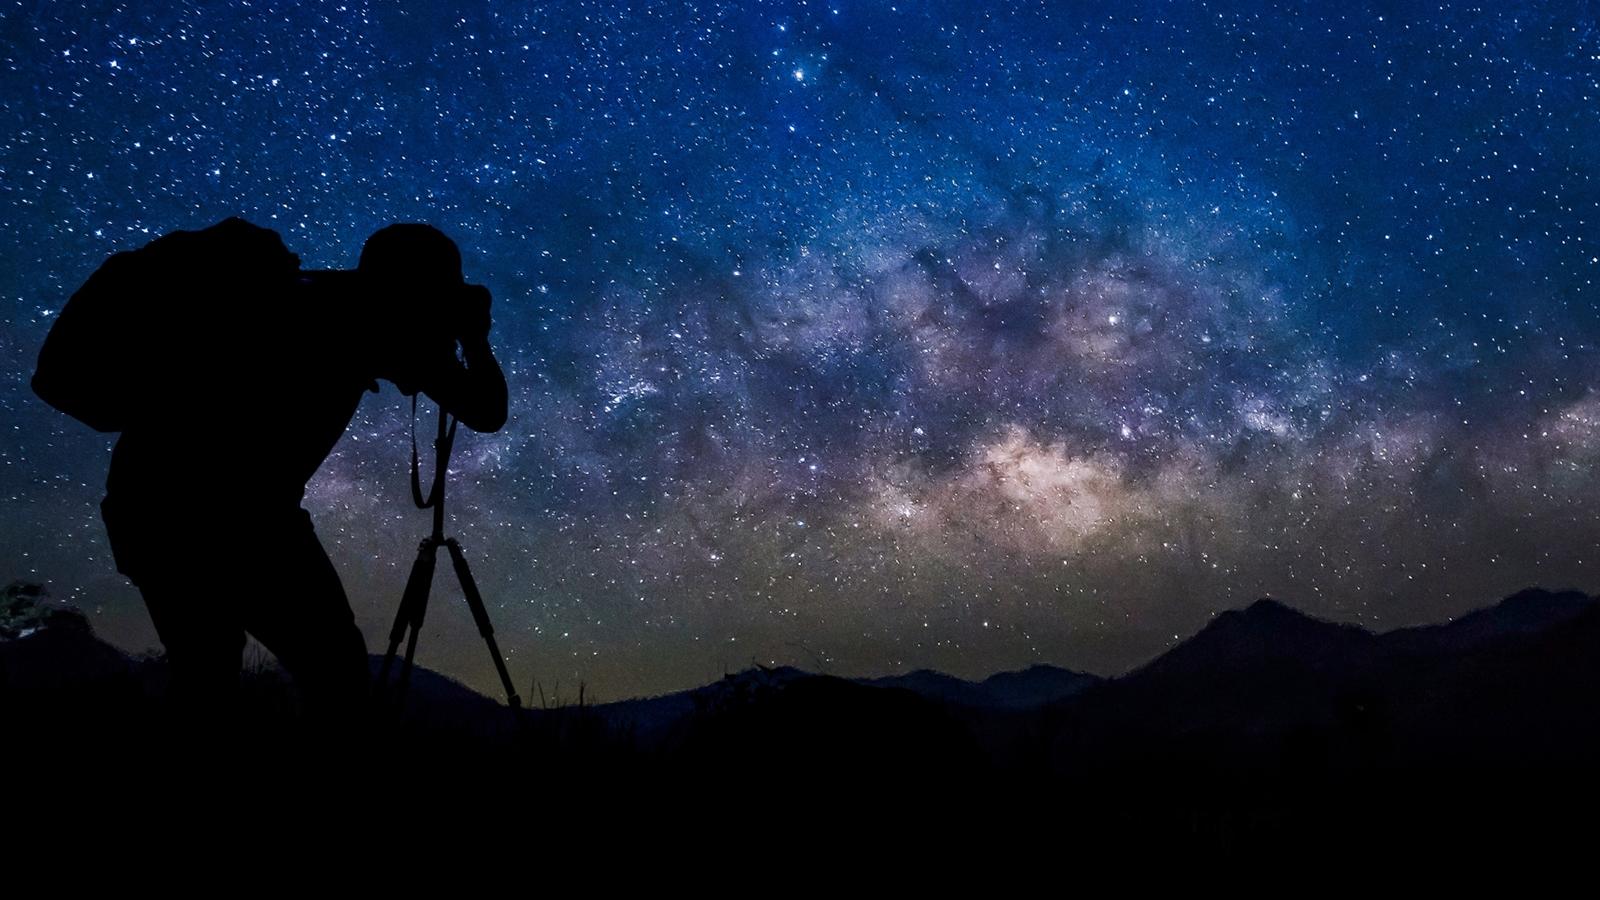 Nextfoto - Csillagok fotózása - Hasznos tippek az éjszakai égbolt megörökítéséhez